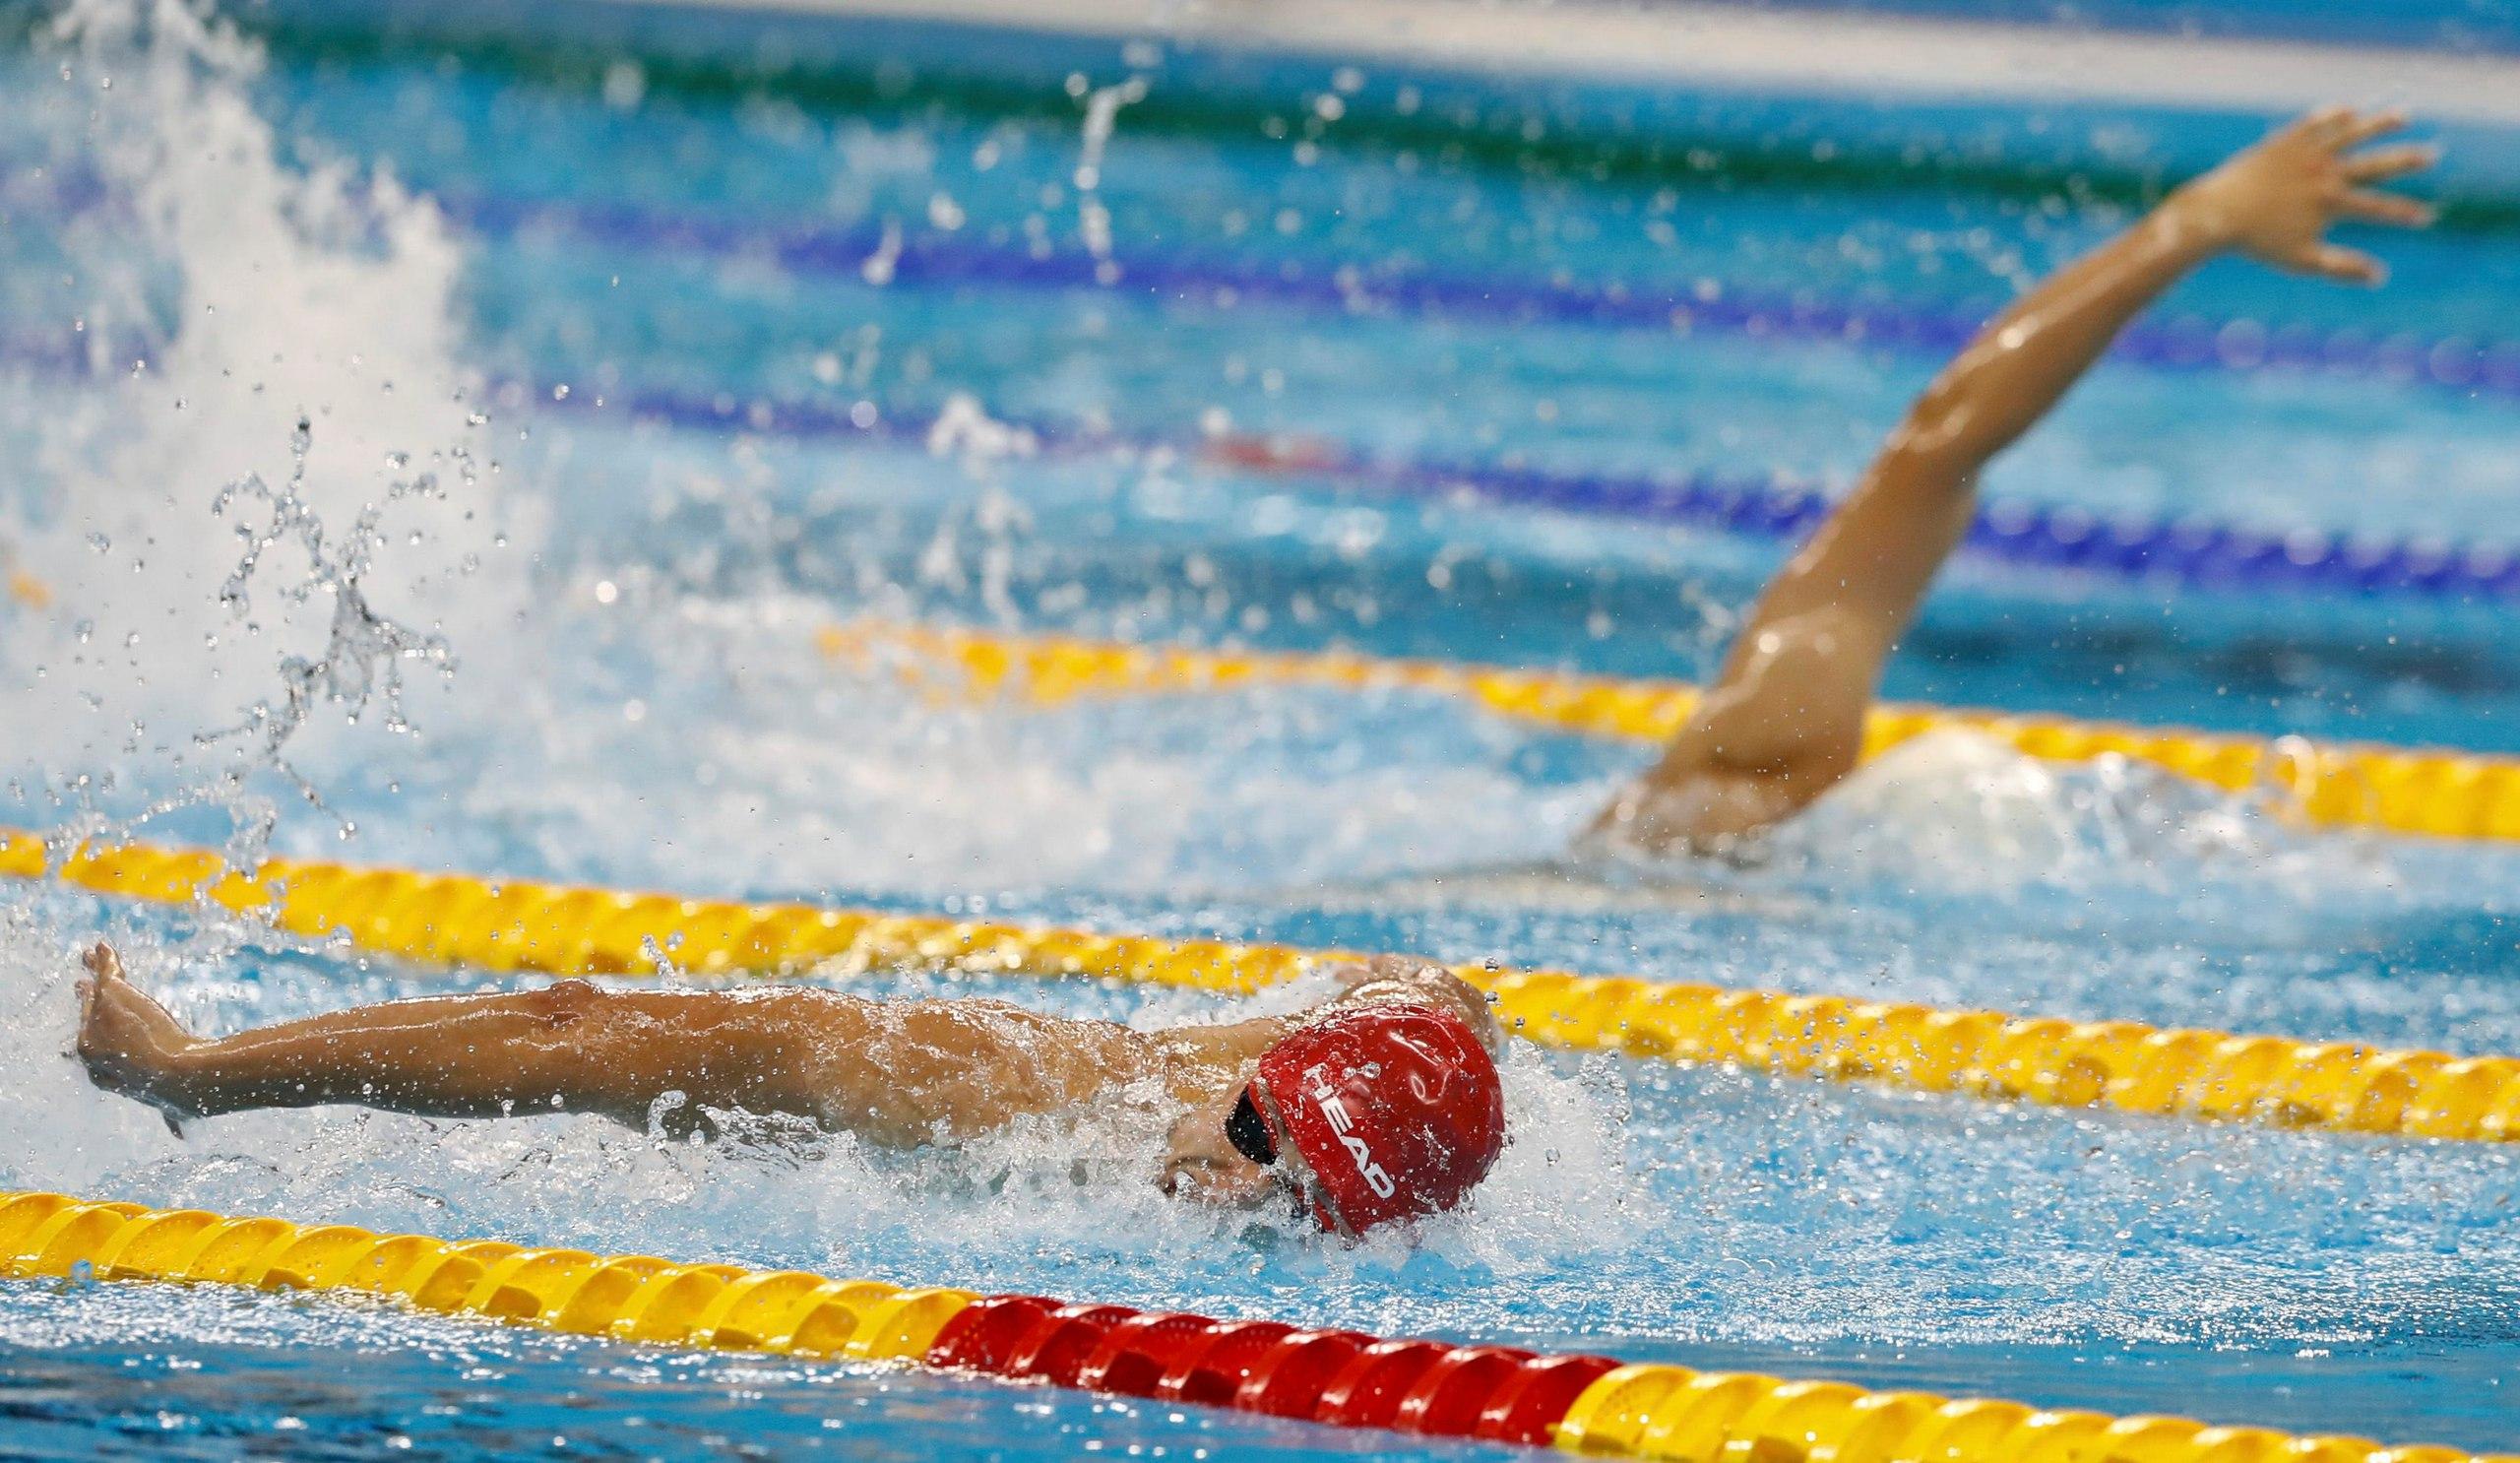 Українці непереможні! Збірна України виграла 117 медалей на Паралімпійських іграх